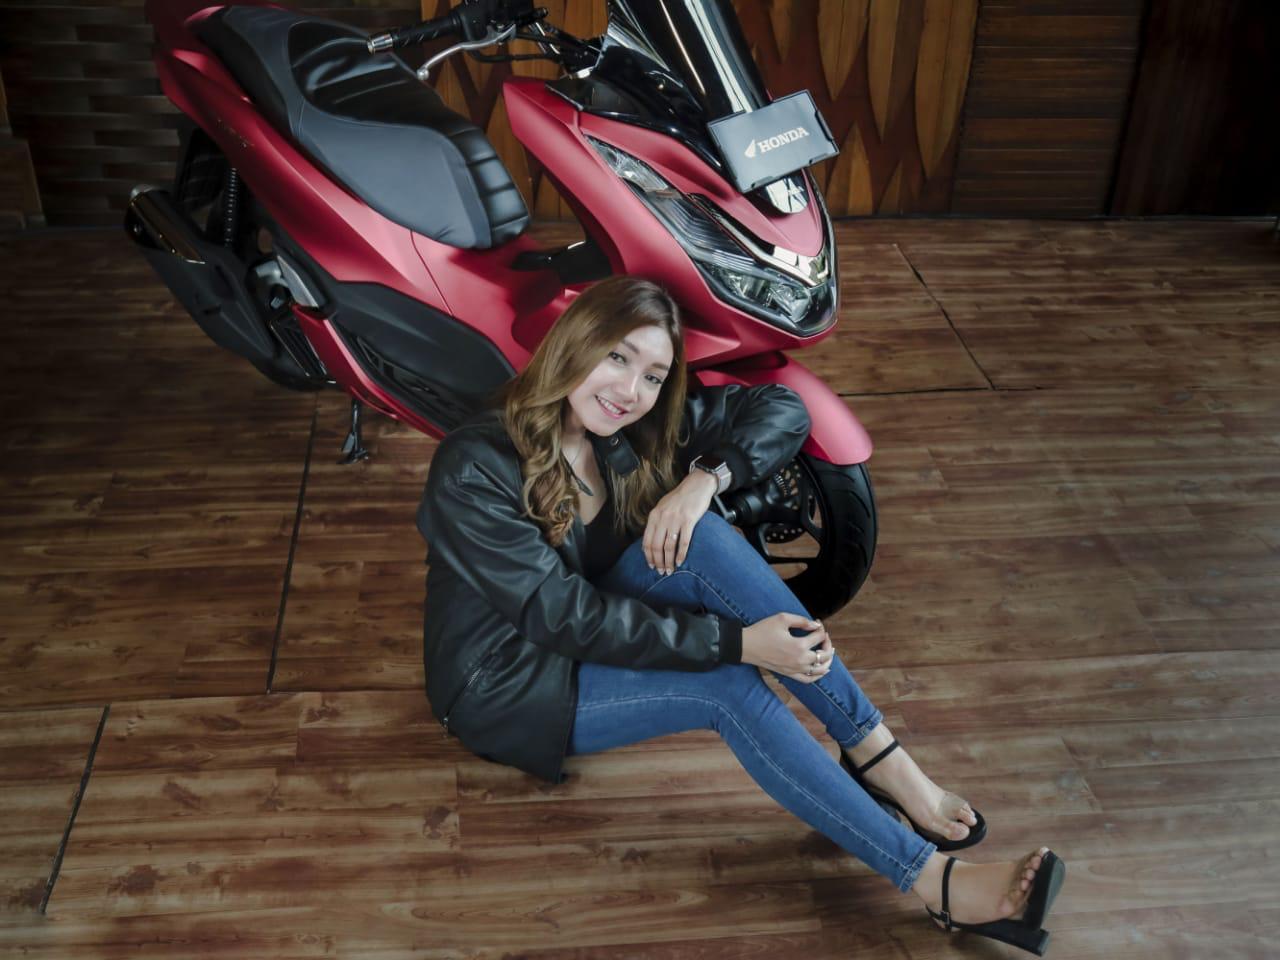 Ratusan Bikers Buktikan Kemewahan dan Kenyamanan All New PCX 160